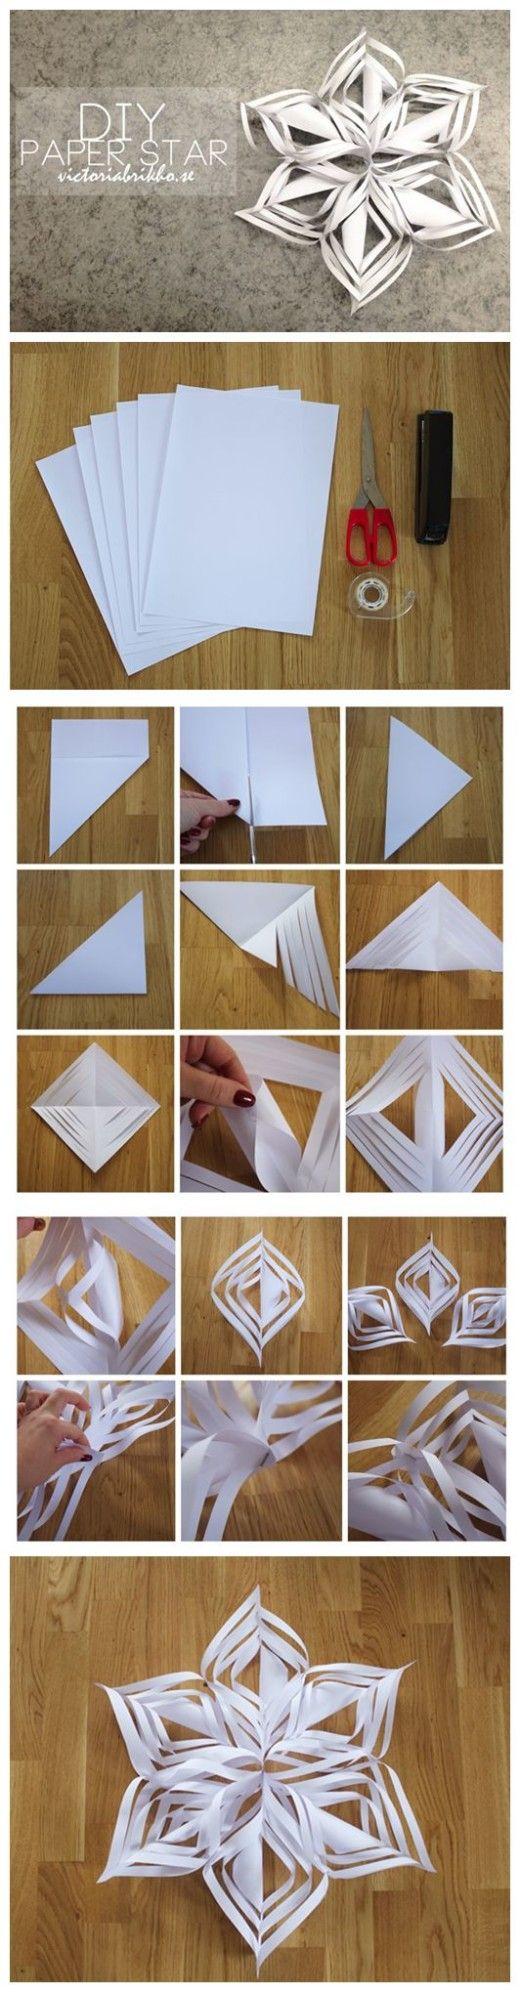 DIY Paper Star